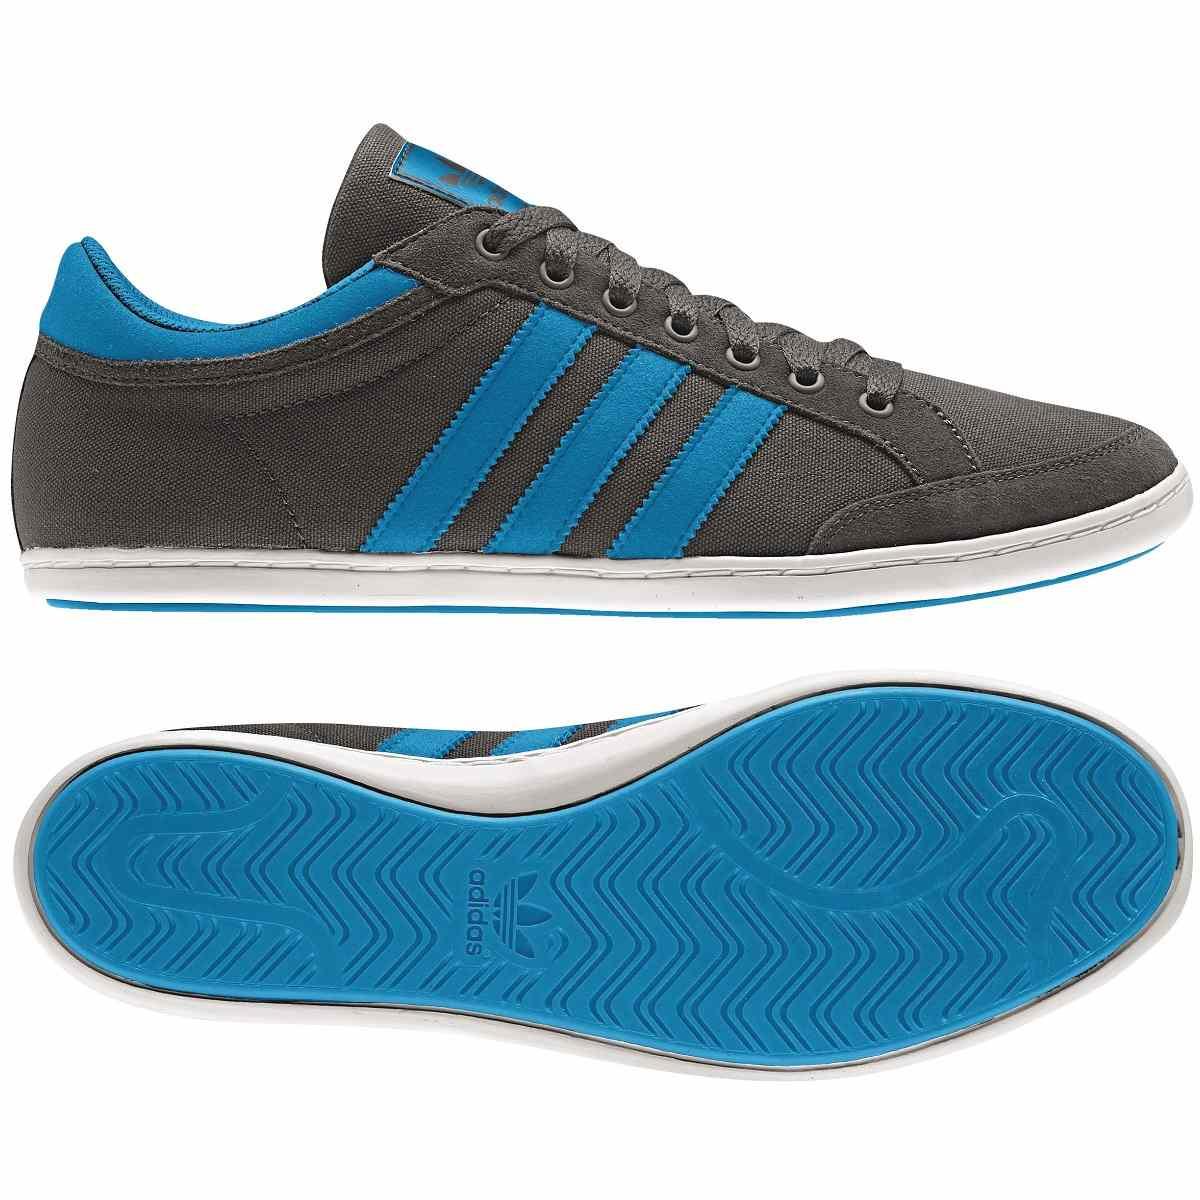 Adidas Sneaker Grau Blau adidasschuhedamensale.de